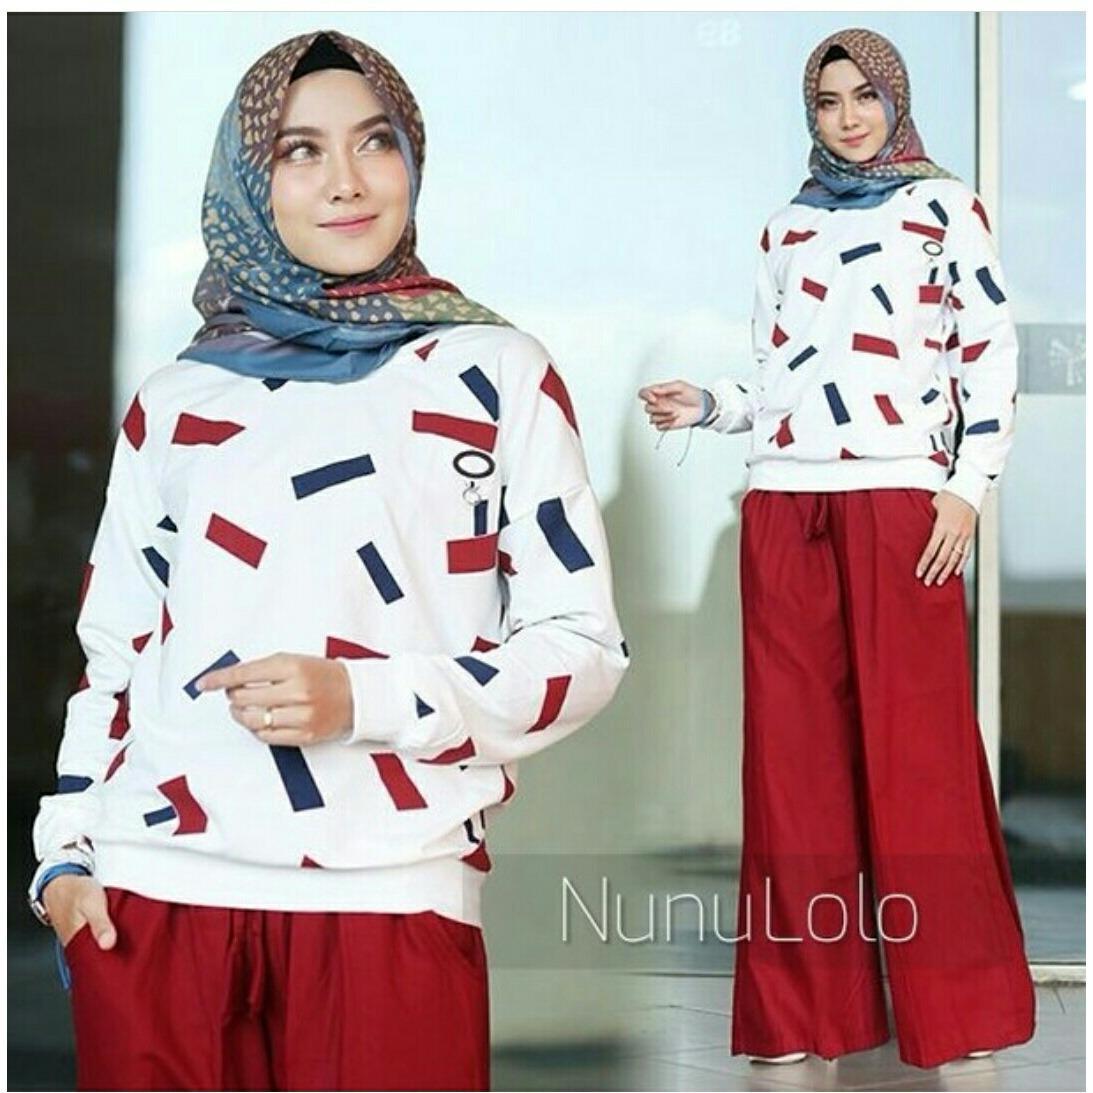 Jual Murah Zizara Set Setelan Batik Celana Kulot Dan Blus Update Stelan 3 4 Print Spt001 14 Daftar Harga Barang Terkini Terlengkap Nulo